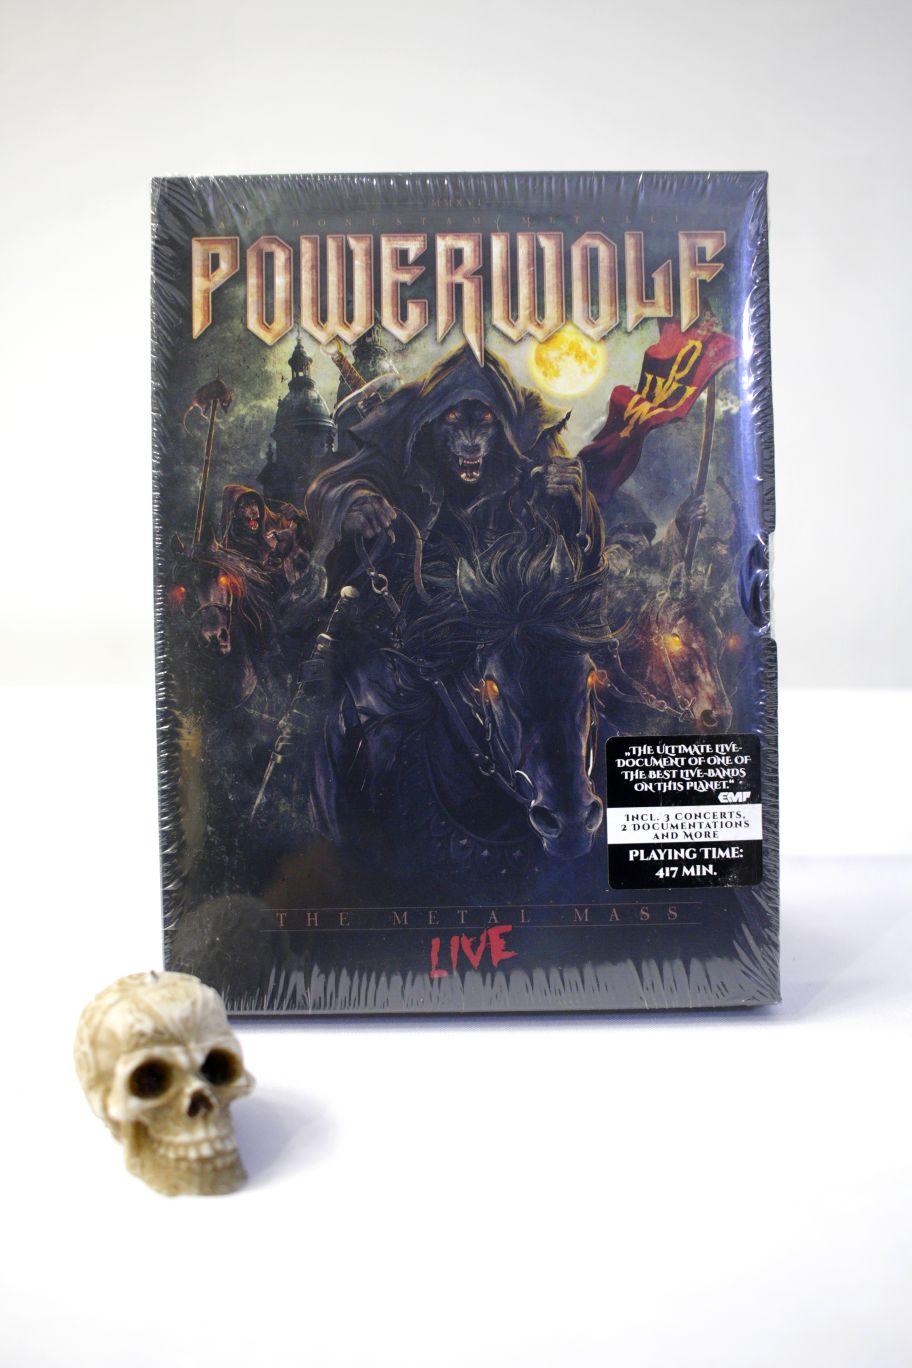 CD POWERWOLF THE METAL MASS + DVD